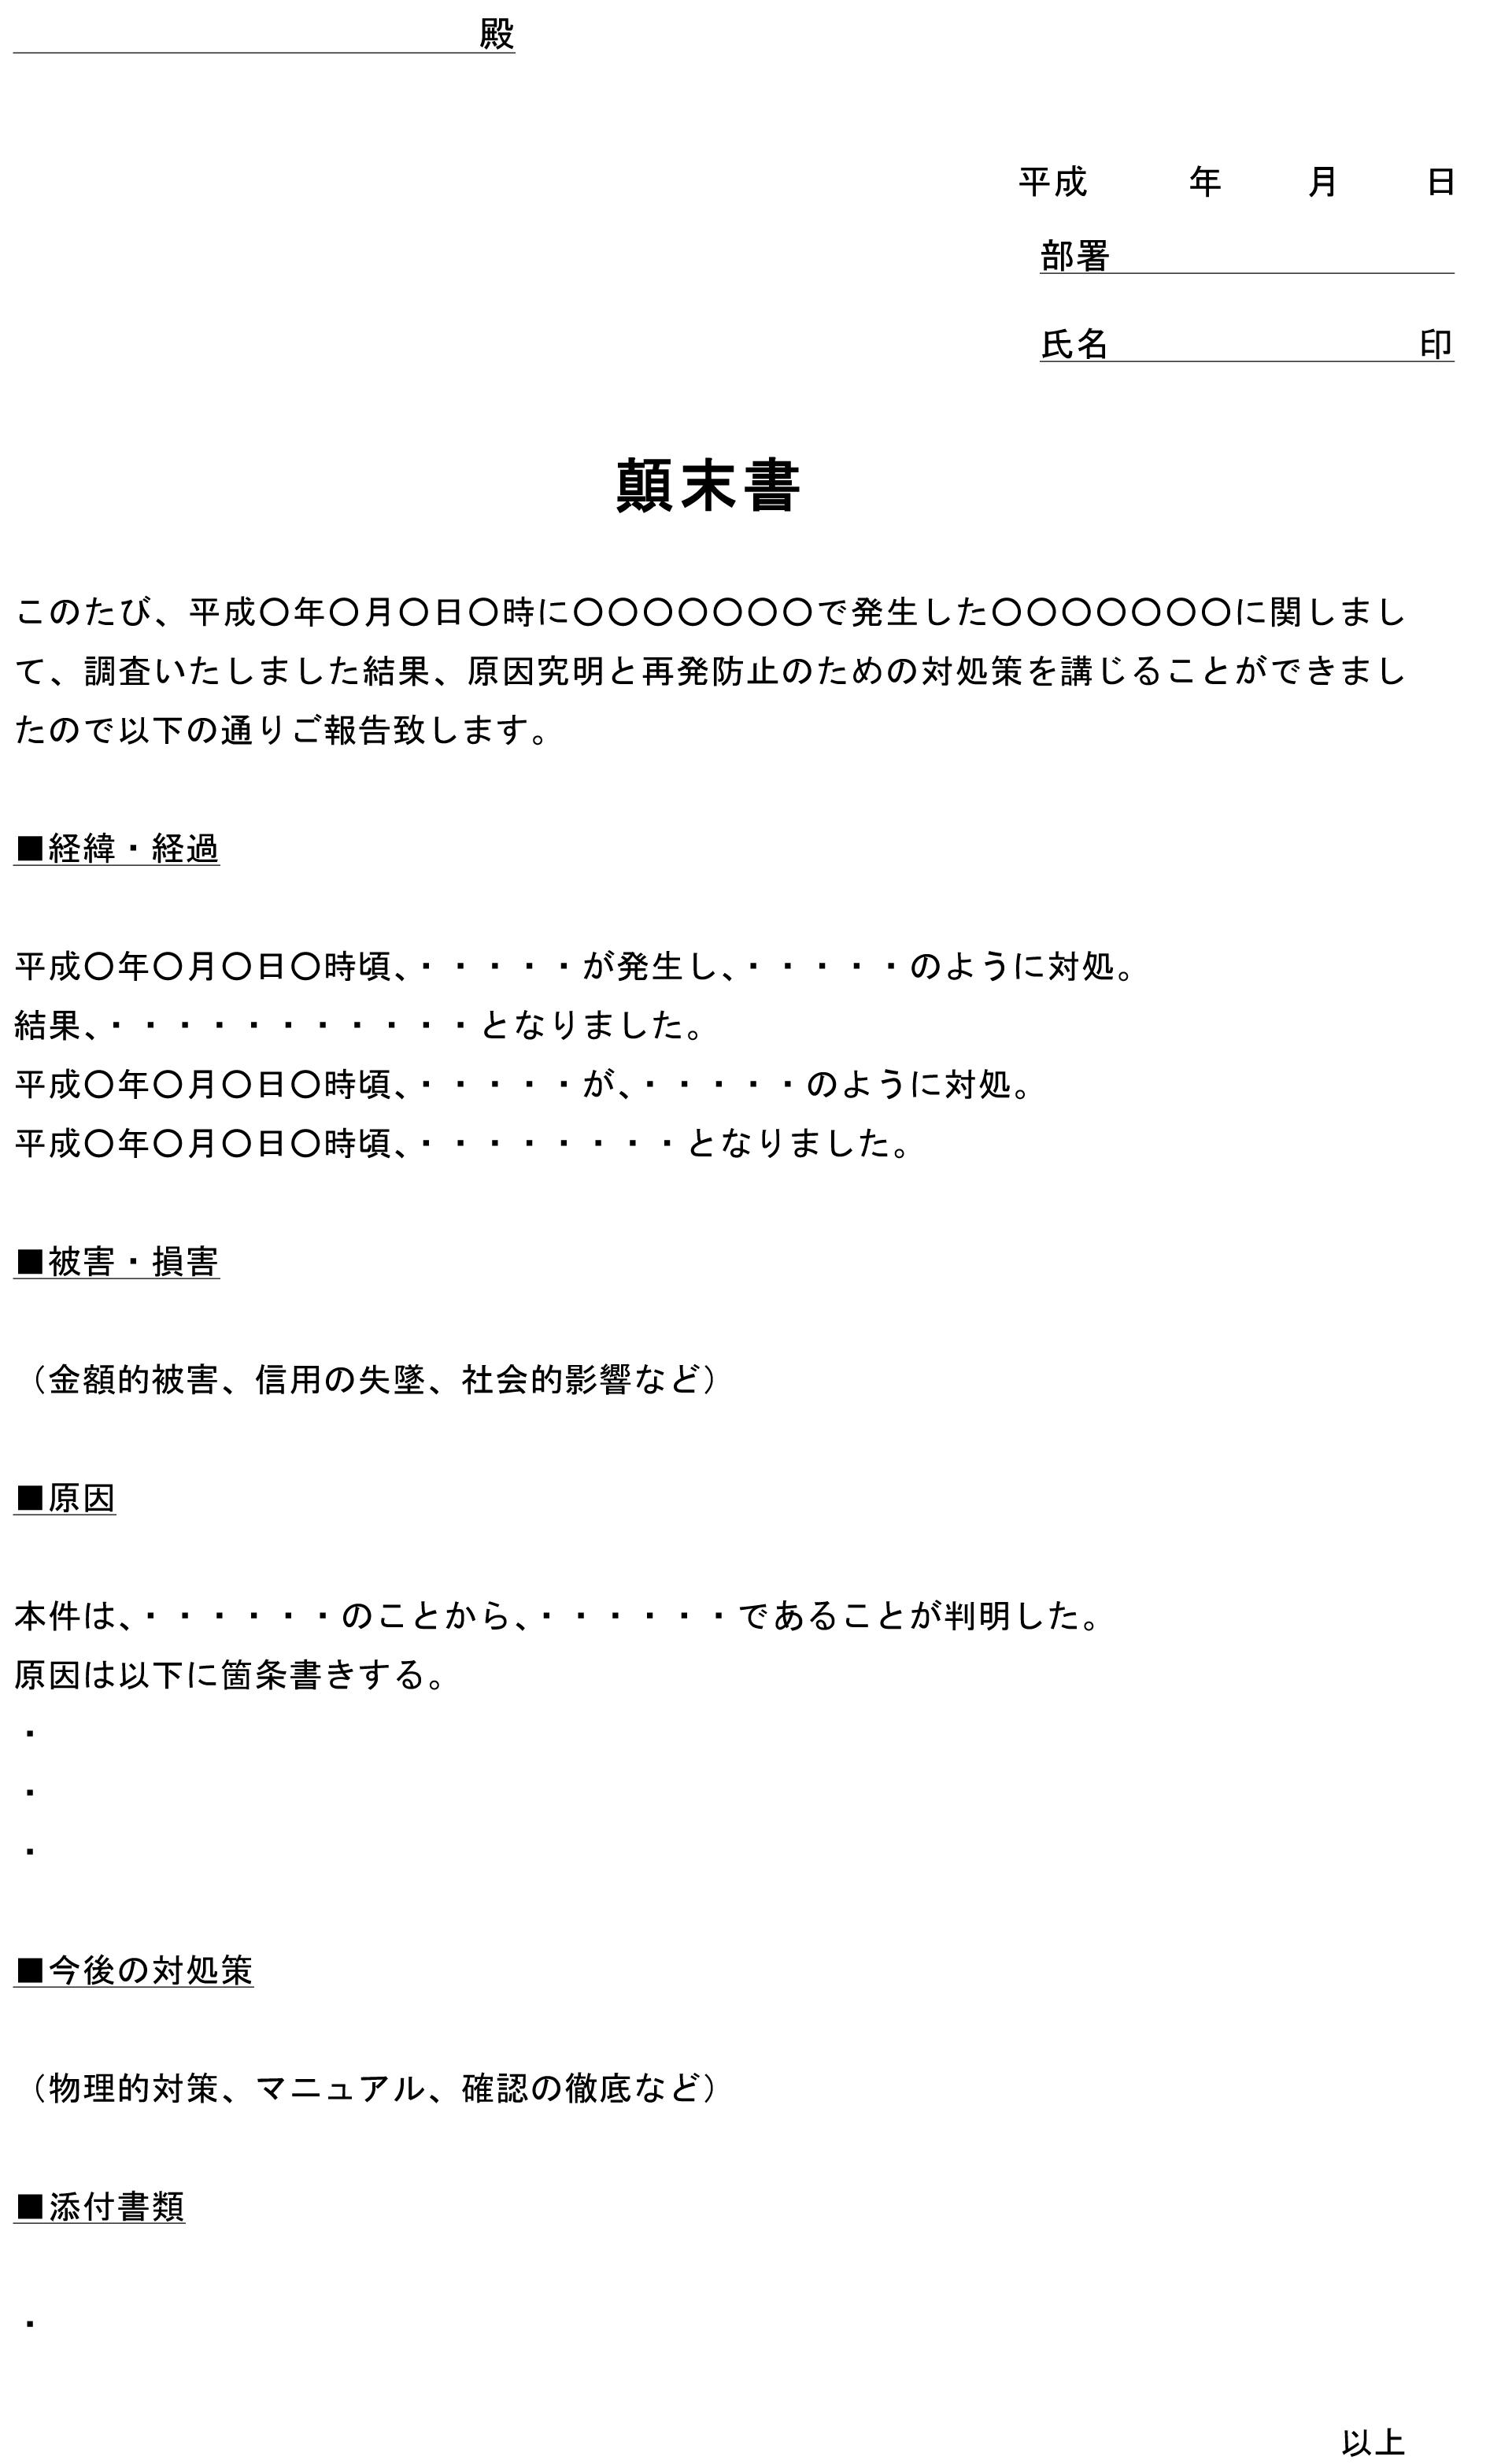 顛末書(用途不問・社内用)